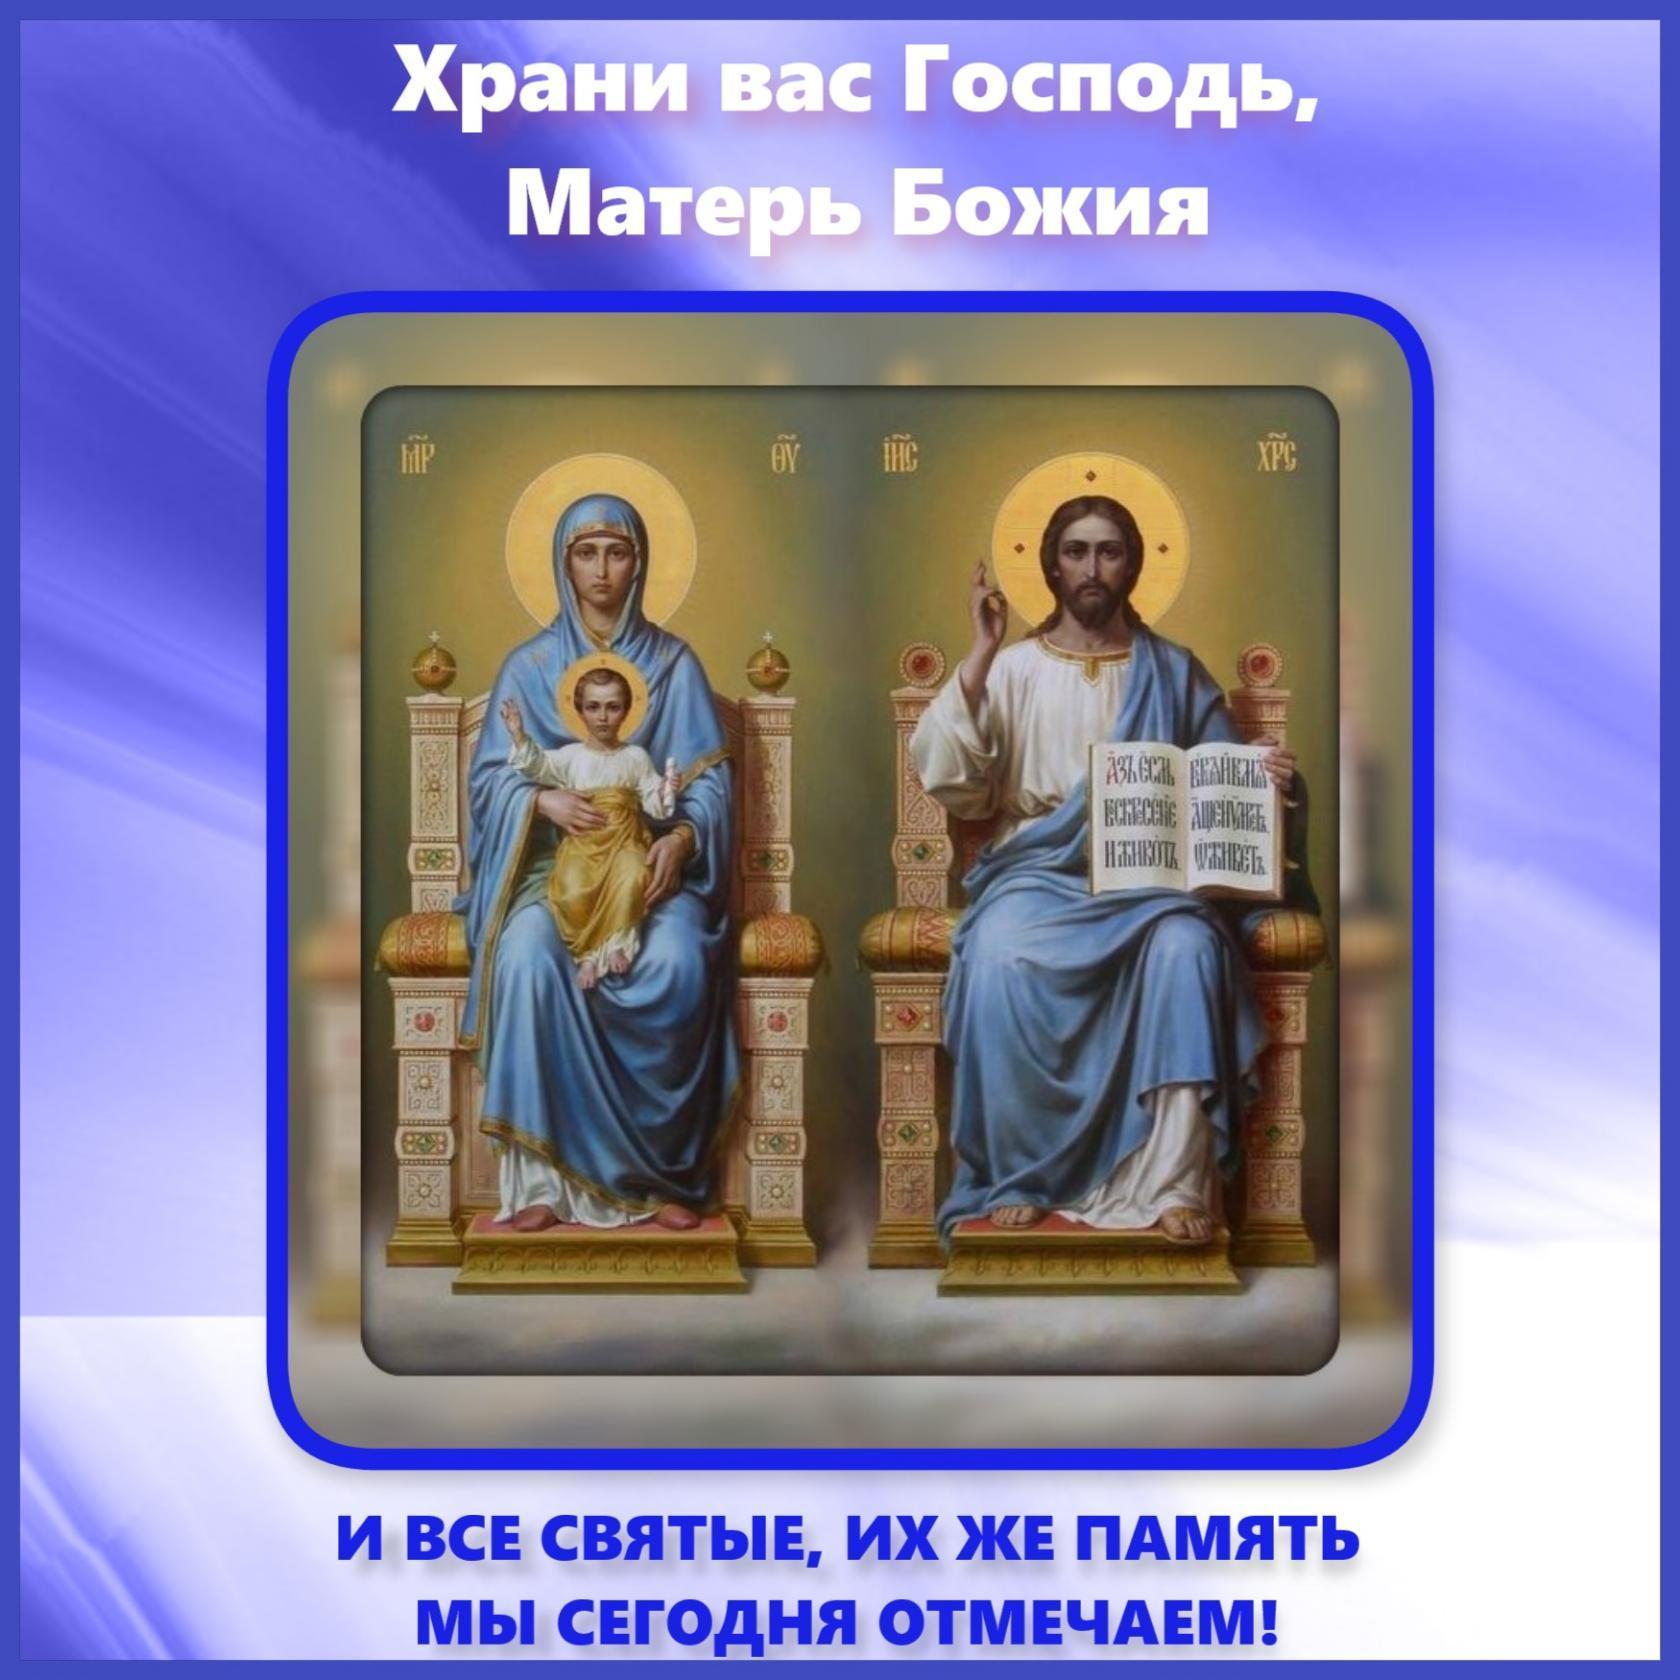 Открытка храни вас бог и богородицы покров, открытки